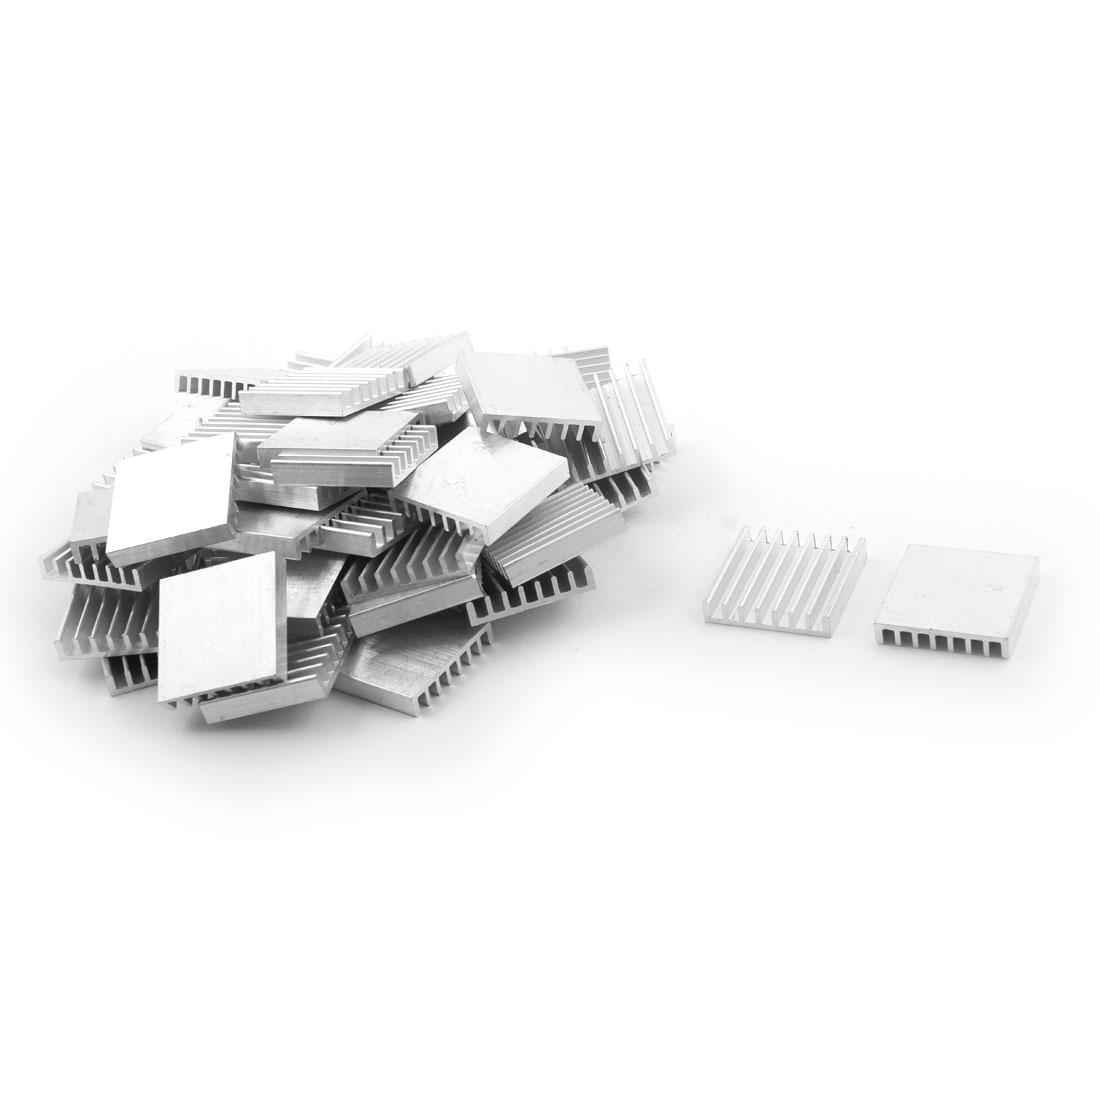 Aluminium Heat Diffuse Cooling Fin Cooler Silver Tone 25mm x 25mm x 5mm 57 Pcs